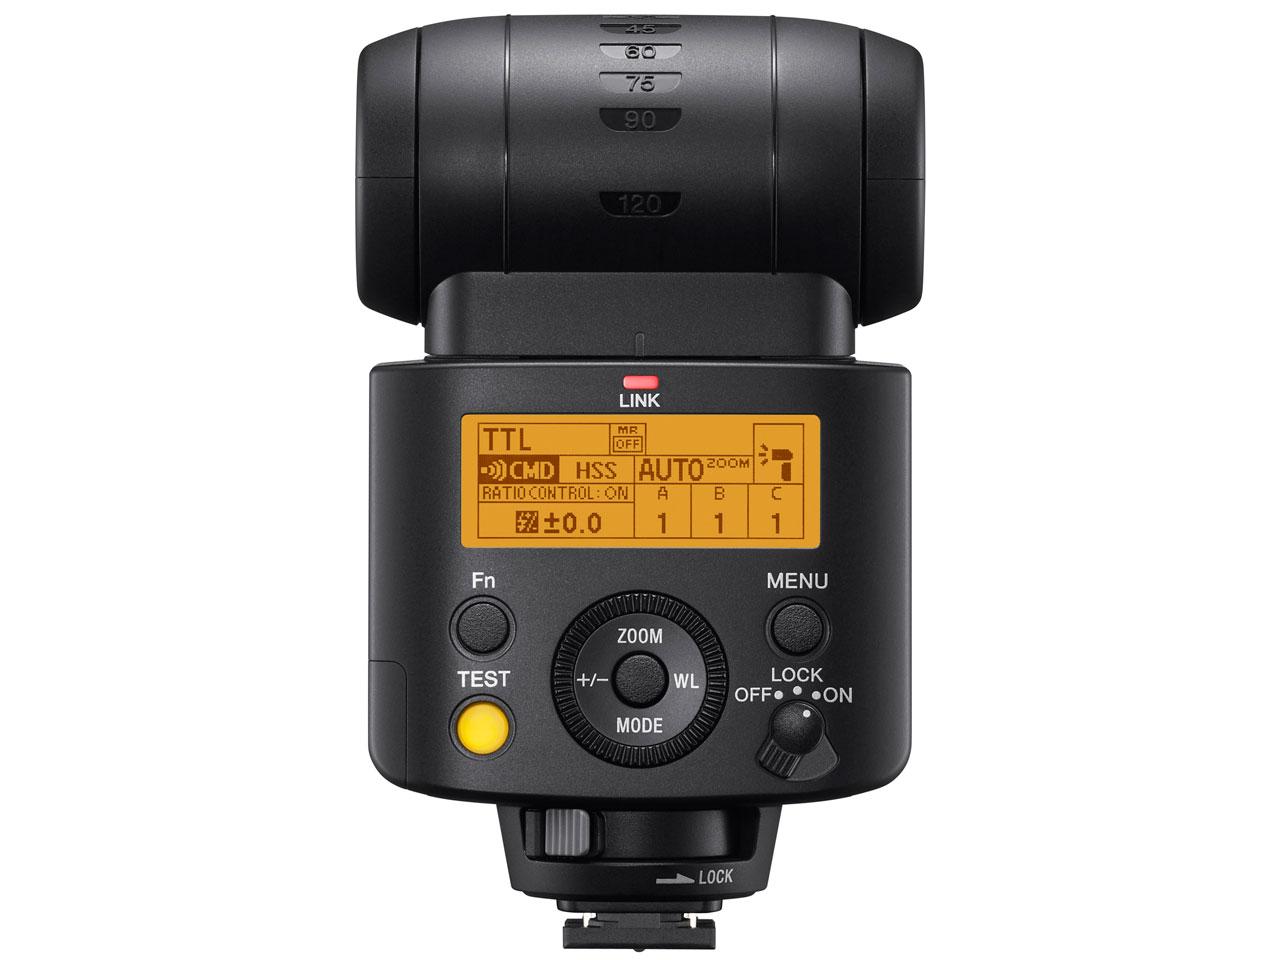 『本体 背面』 HVL-F45RM の製品画像